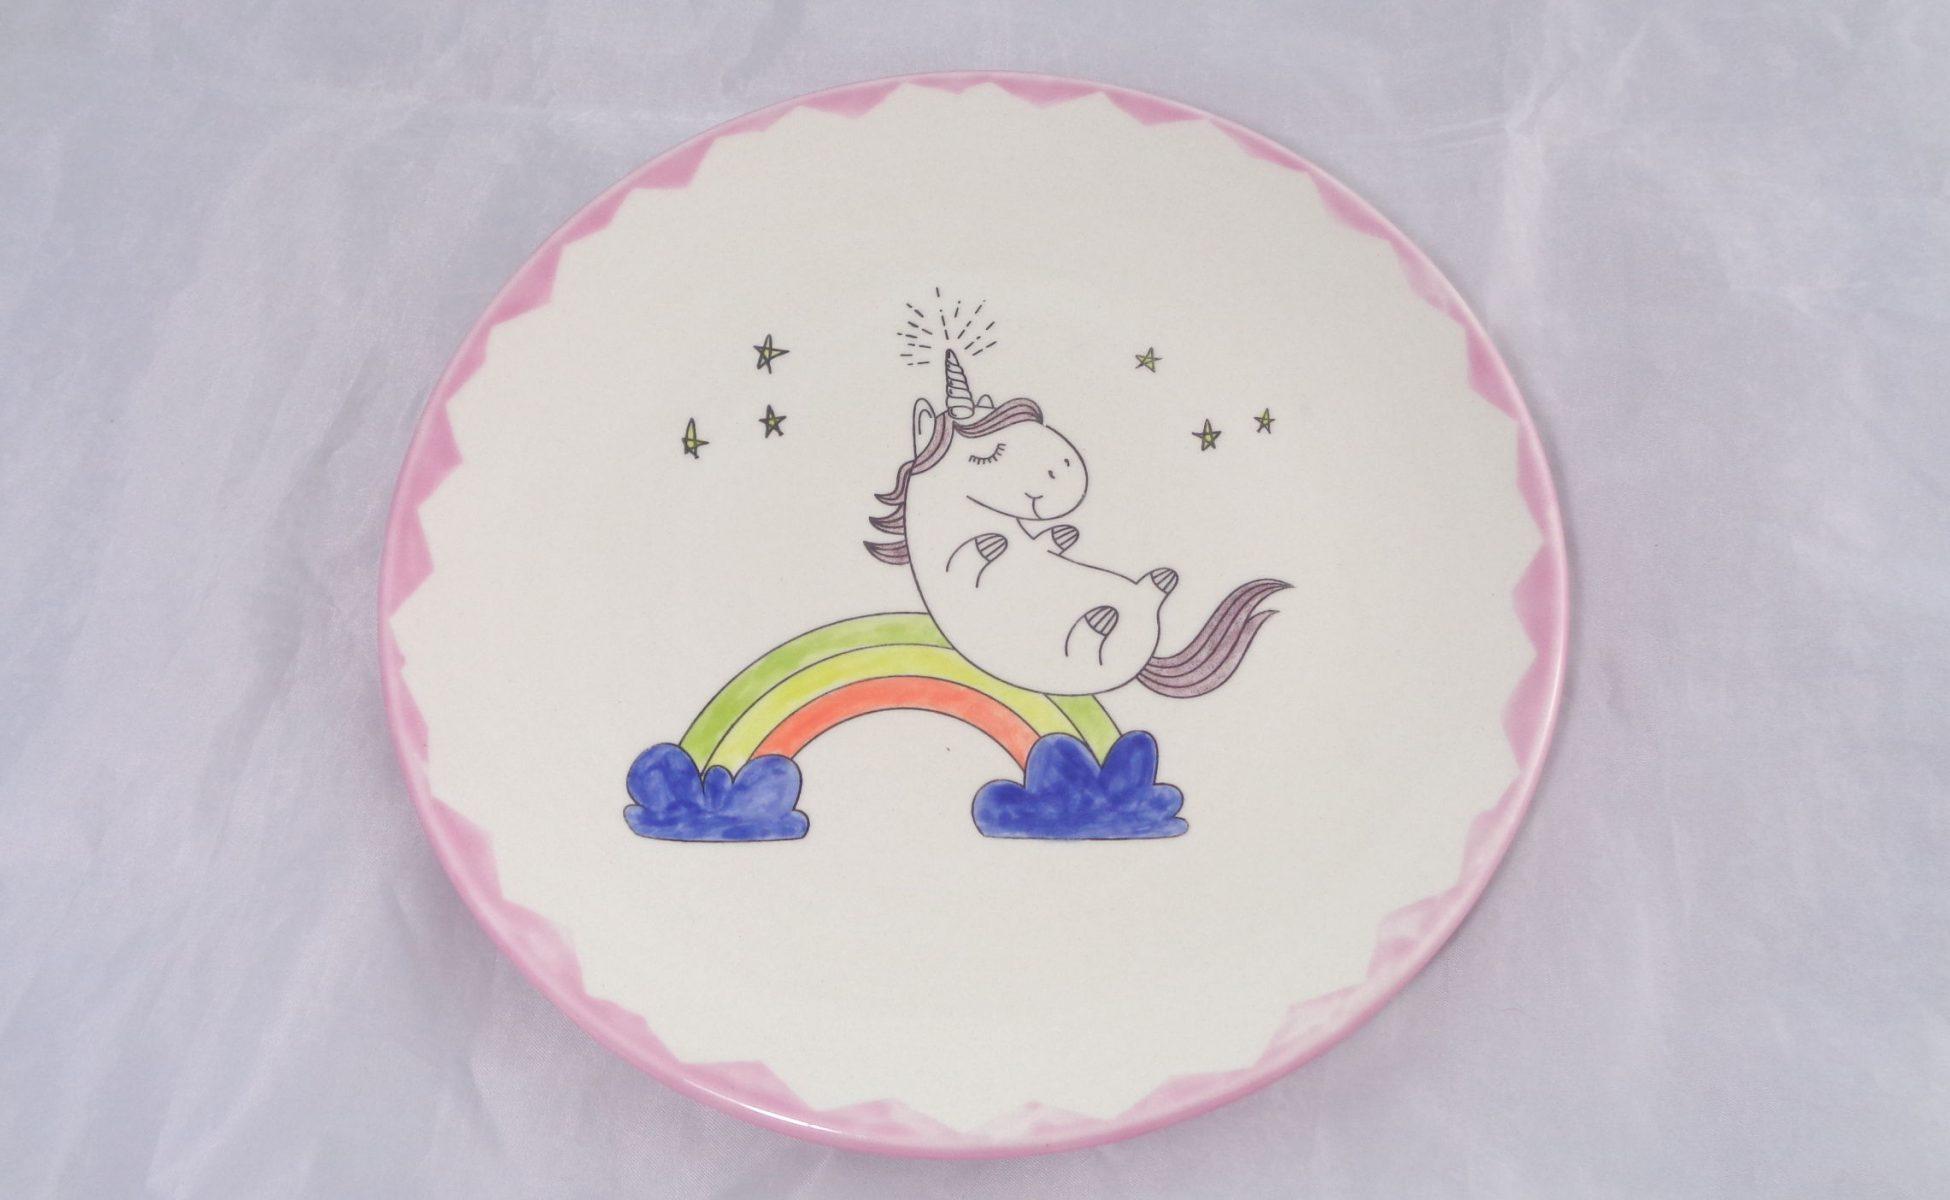 Bemalte Keramik Einhorn Teller No2